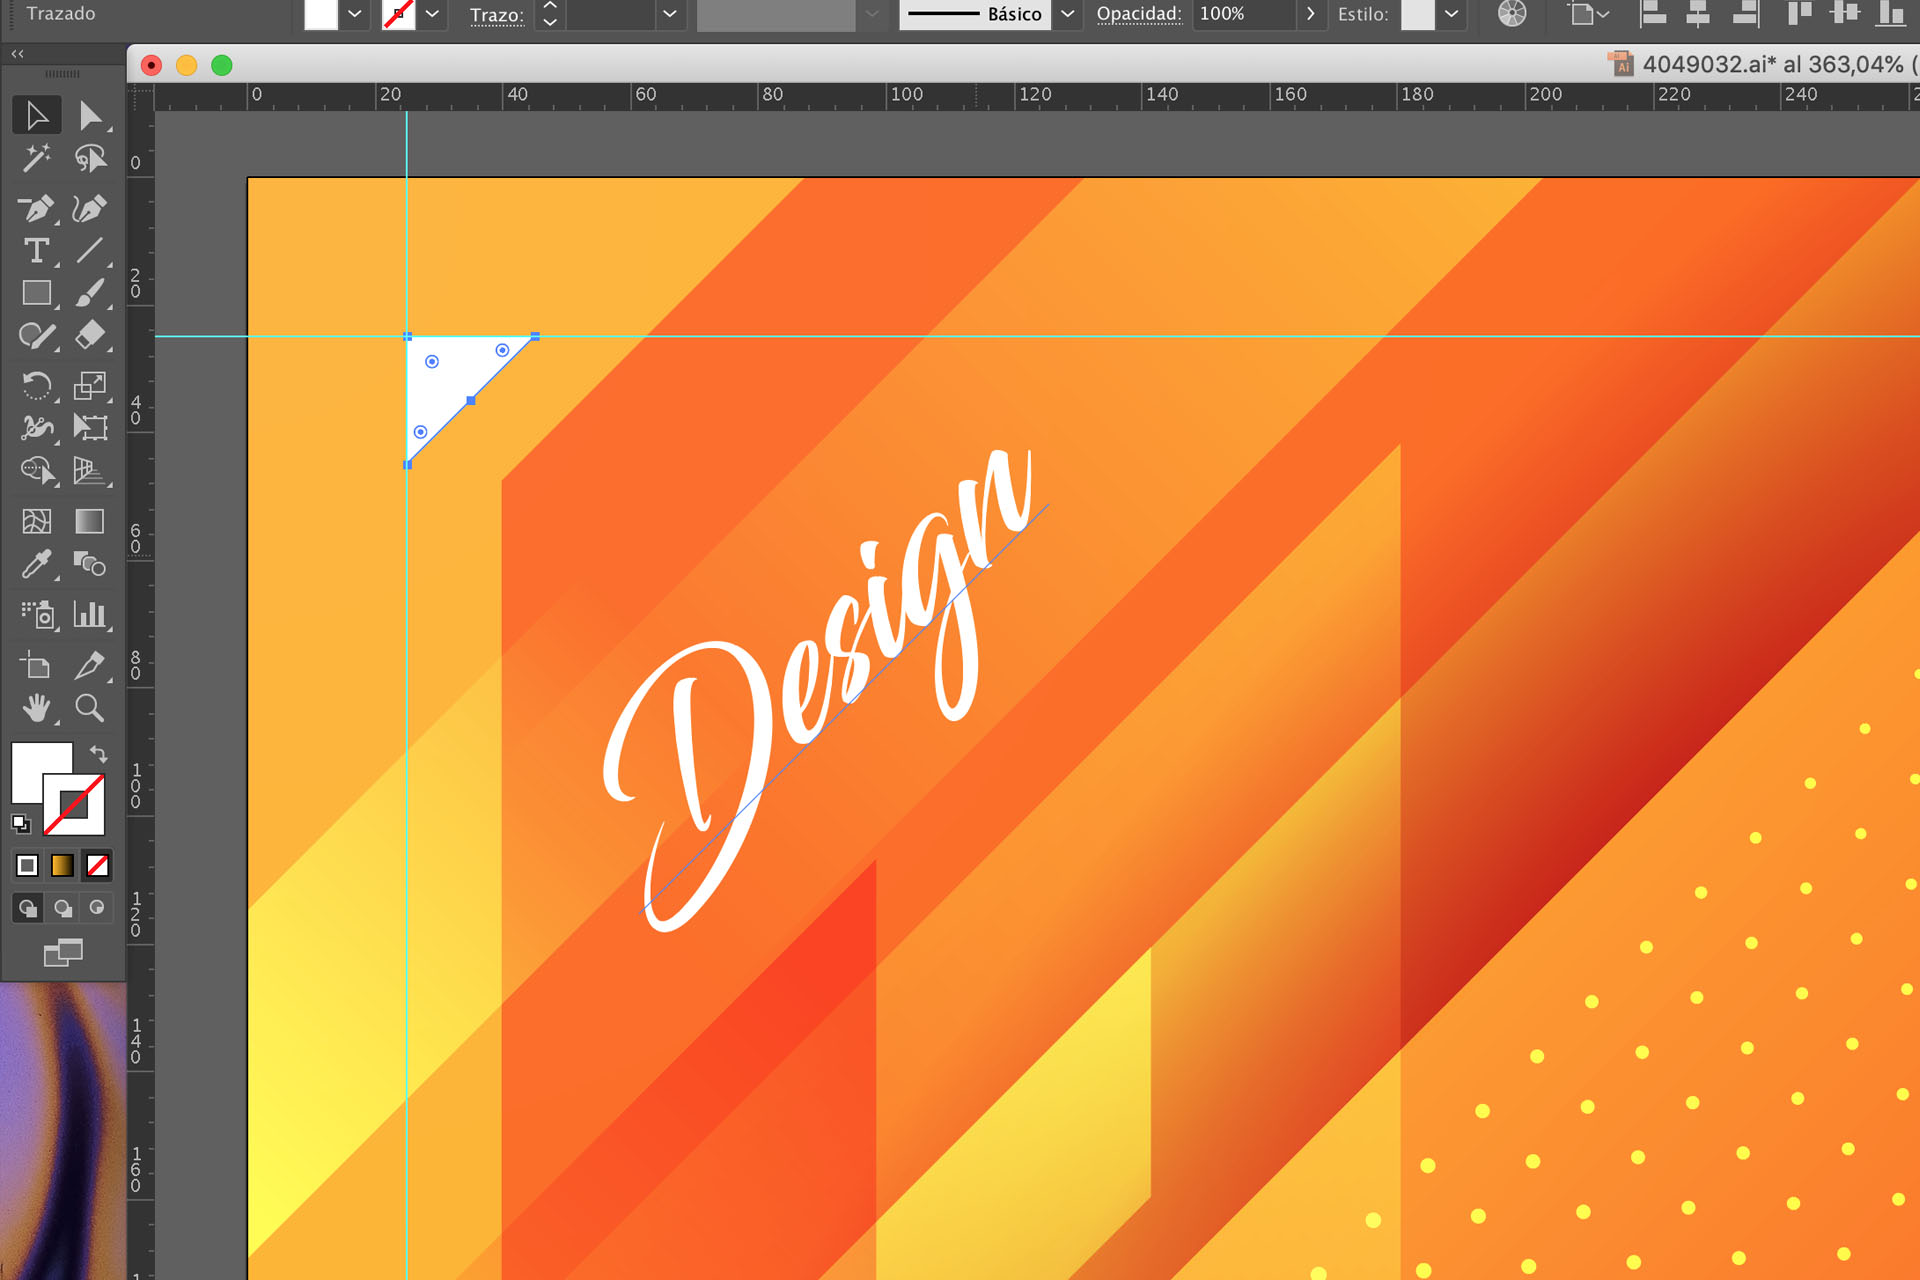 biggraphics inicio illustrator imagen